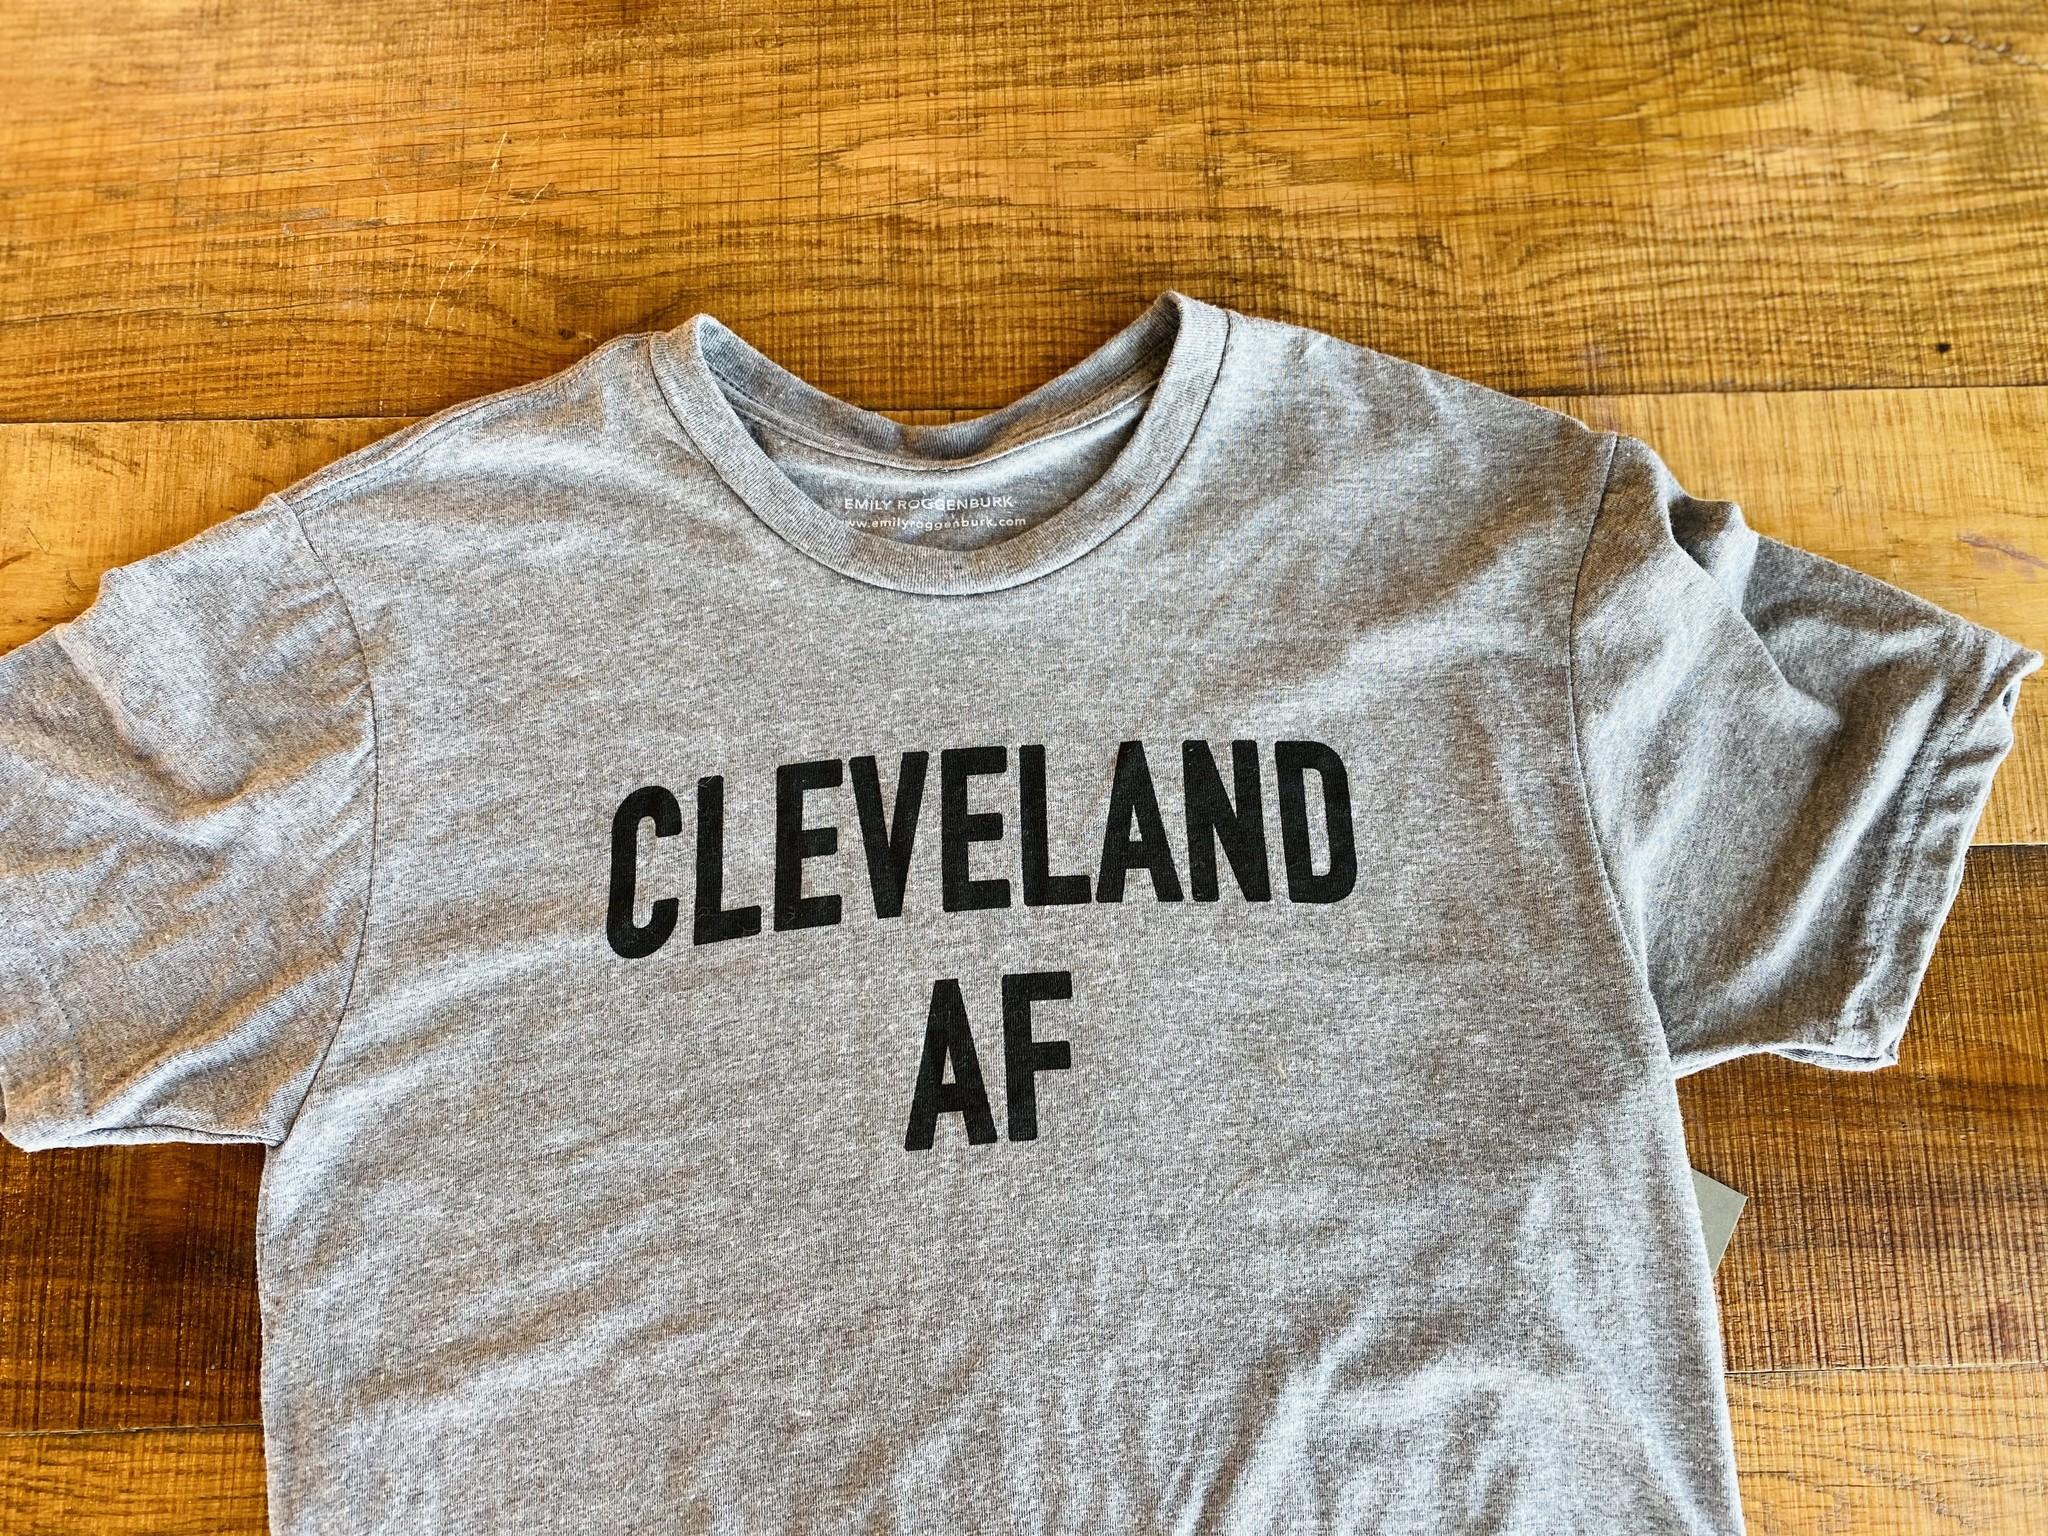 Cleveland AF T-Shirt (by emilyroggenburk)